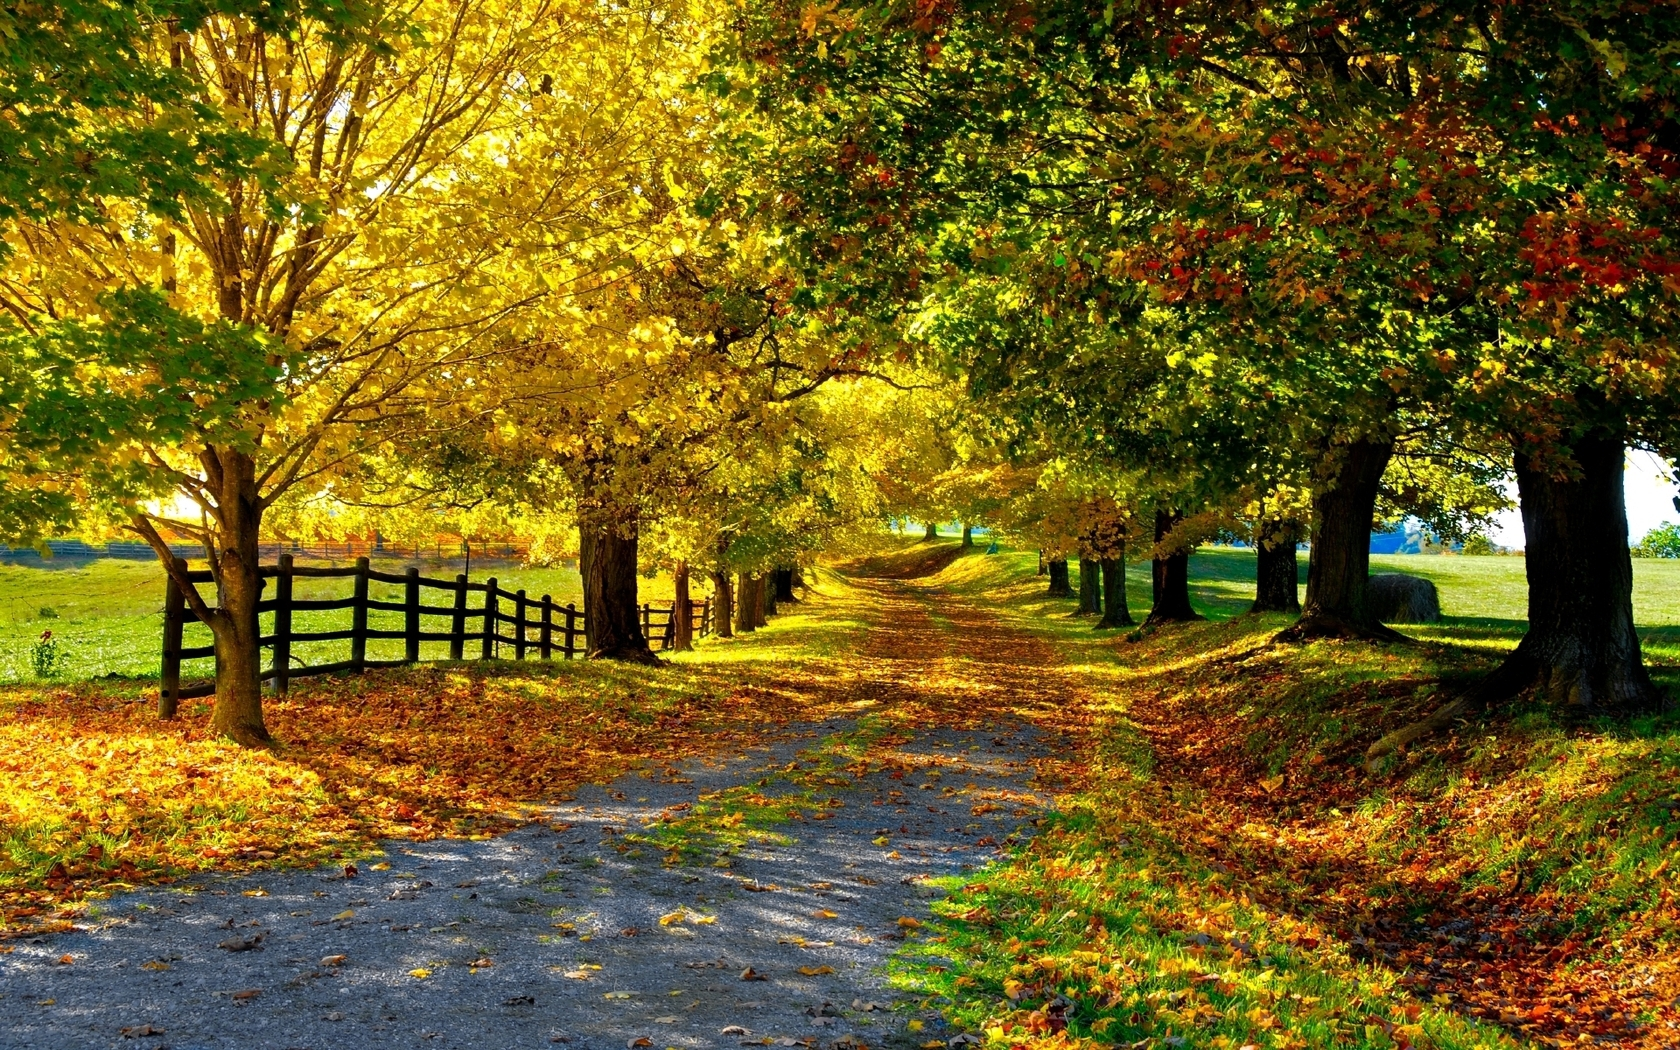 37424 скачать обои Пейзаж, Осень, Деревья - заставки и картинки бесплатно